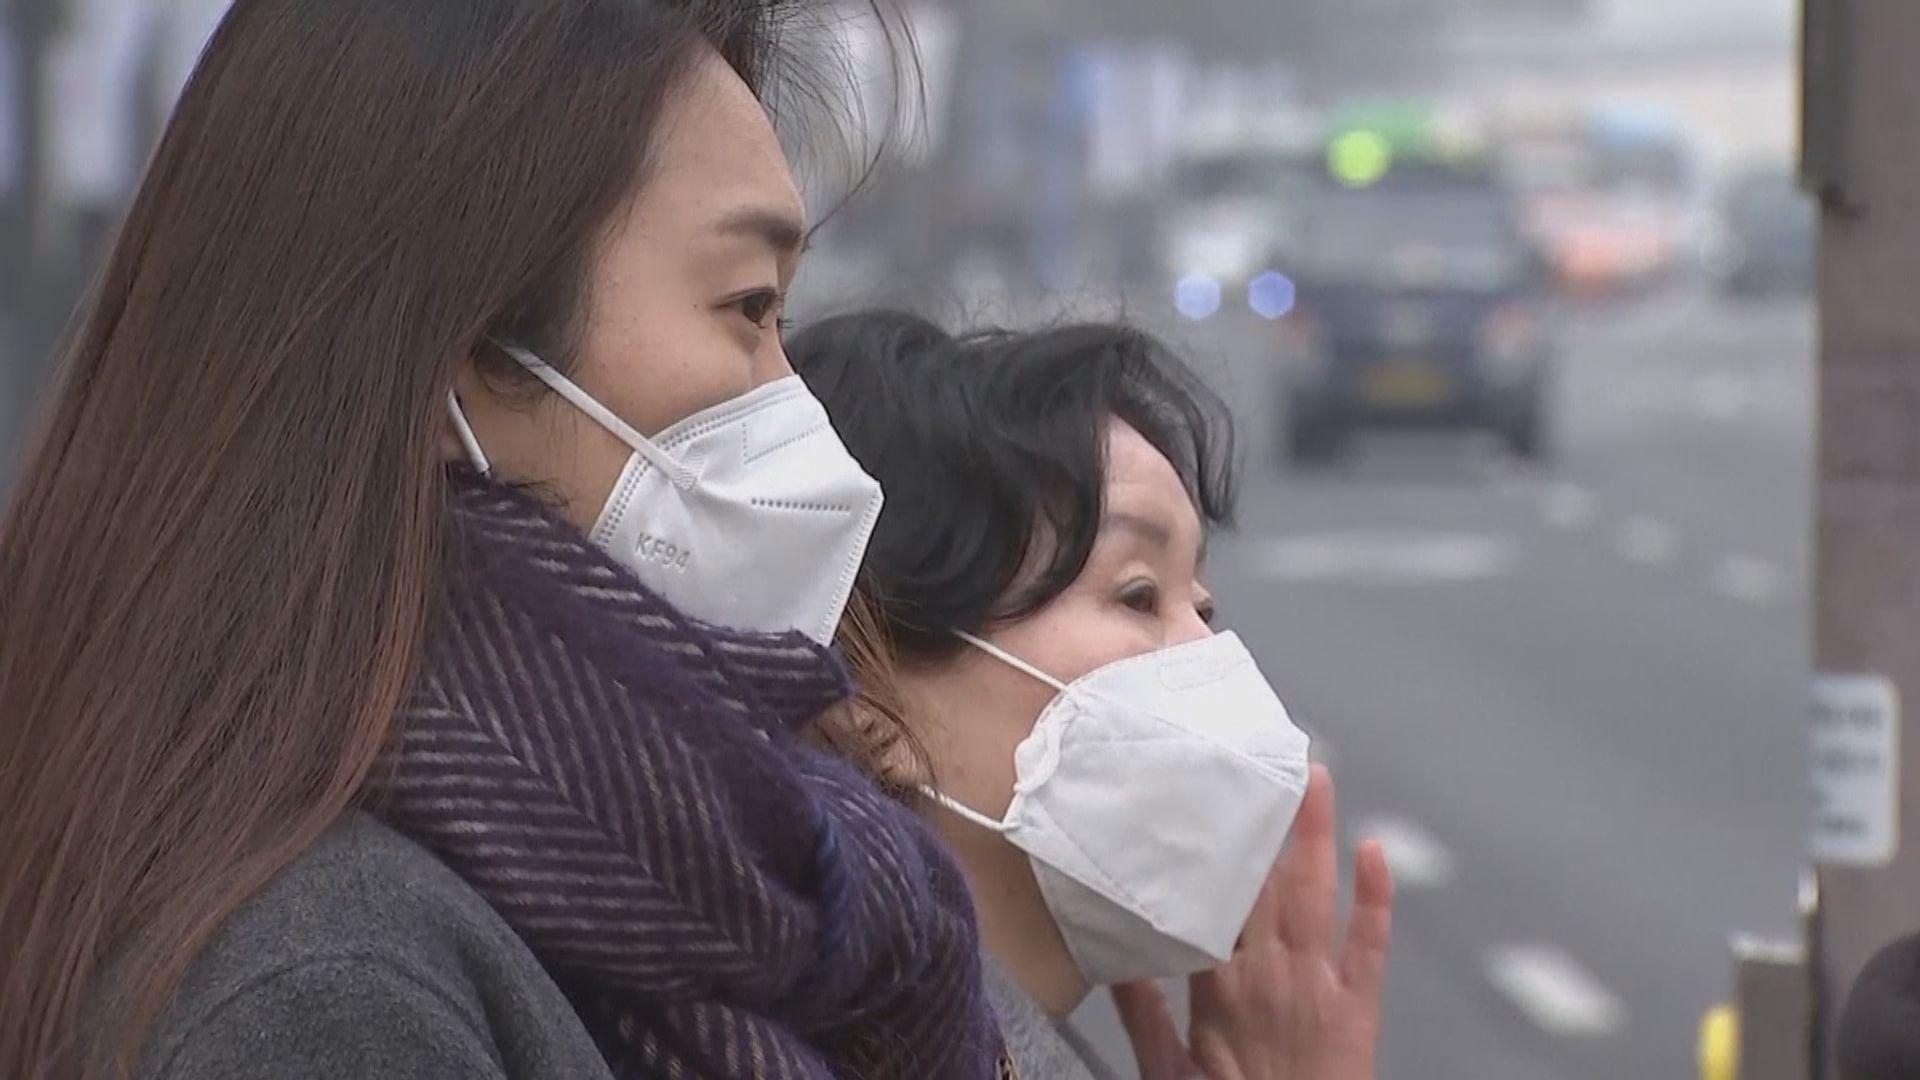 【環球薈報】南韓空氣污染問題影響下一代